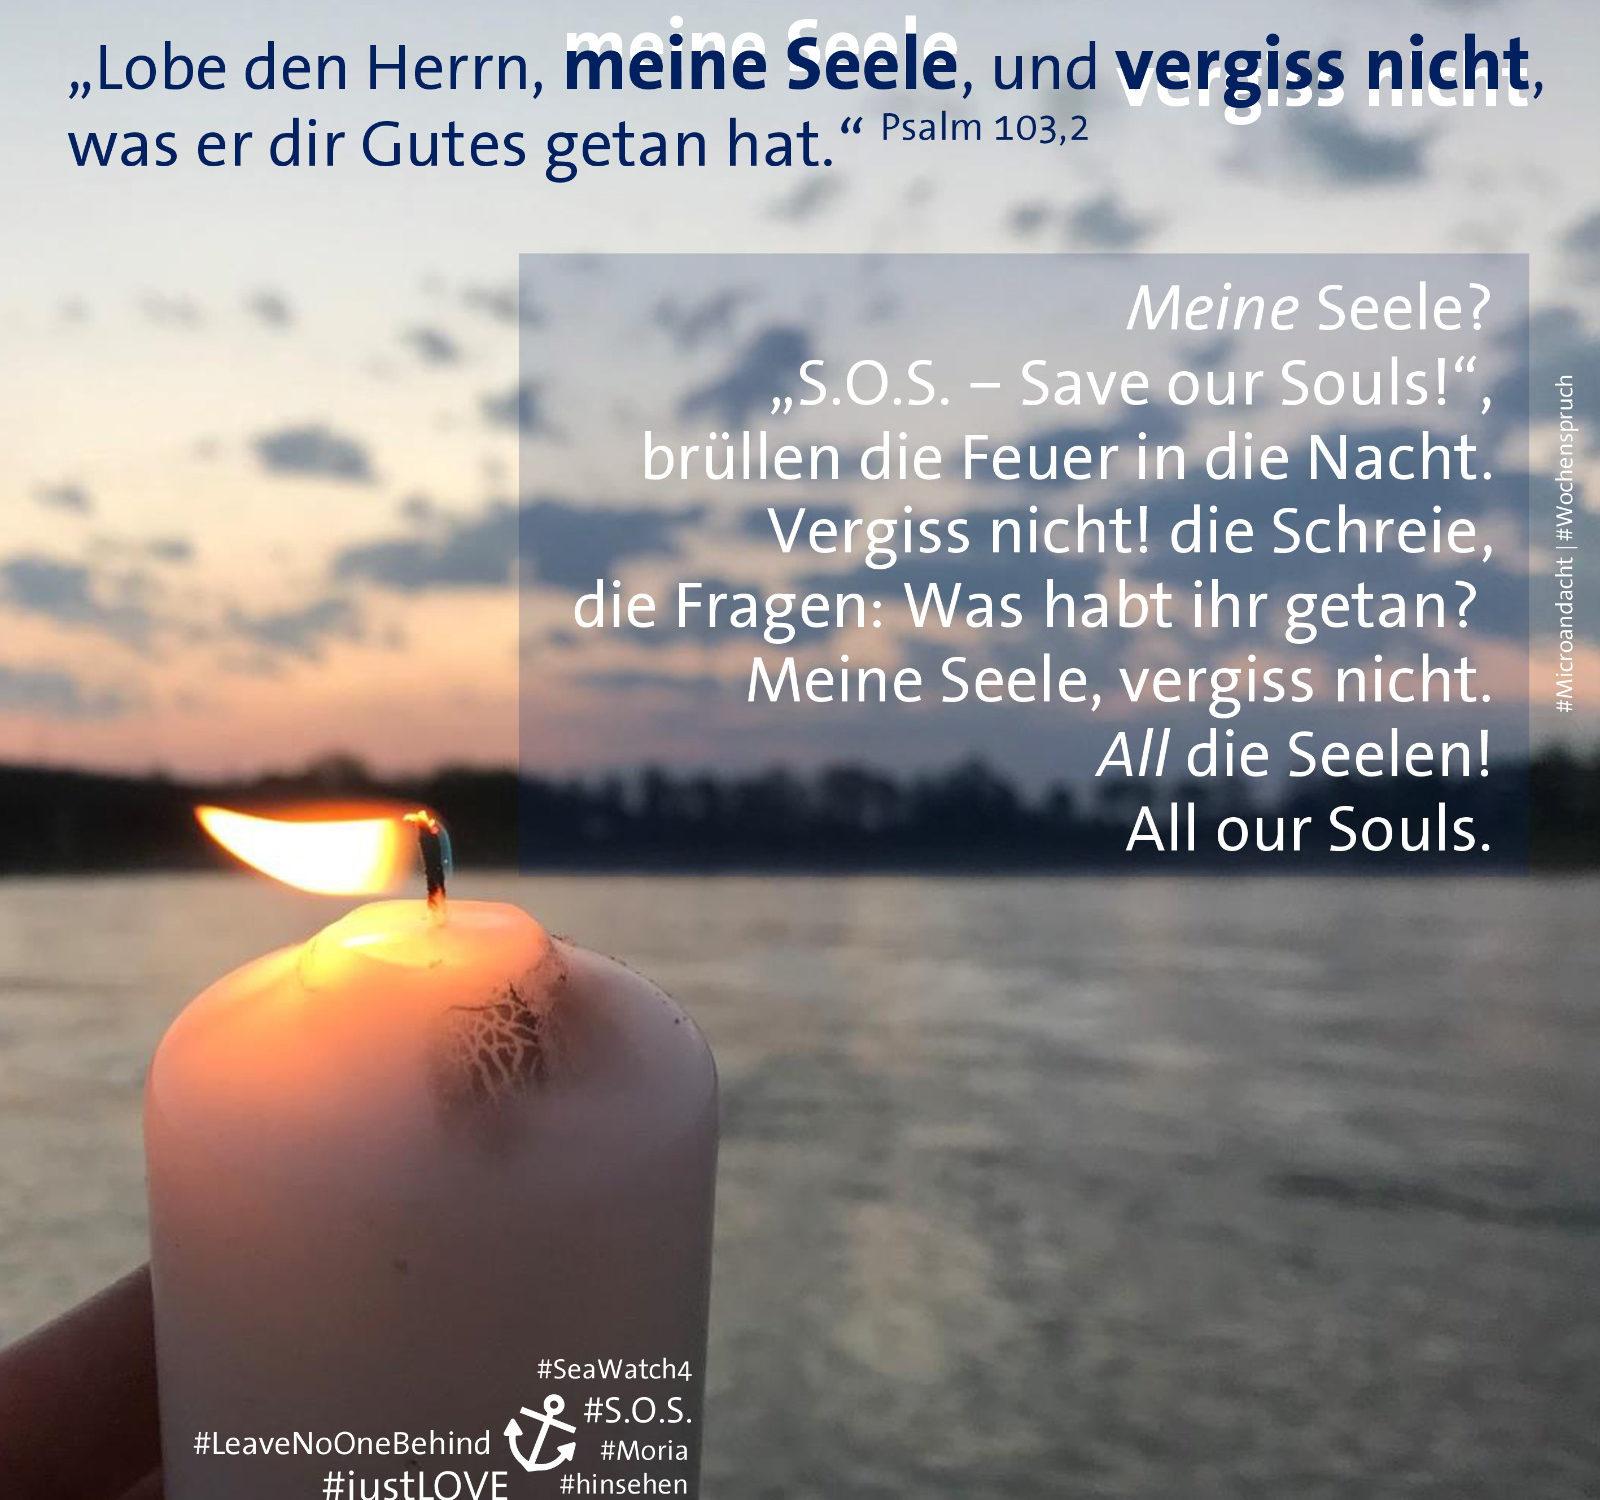 Die #Microandacht zum #Wochenspruch kommt in dieser Woche von Pfarrerin Anna Berkholz aus Neuss.